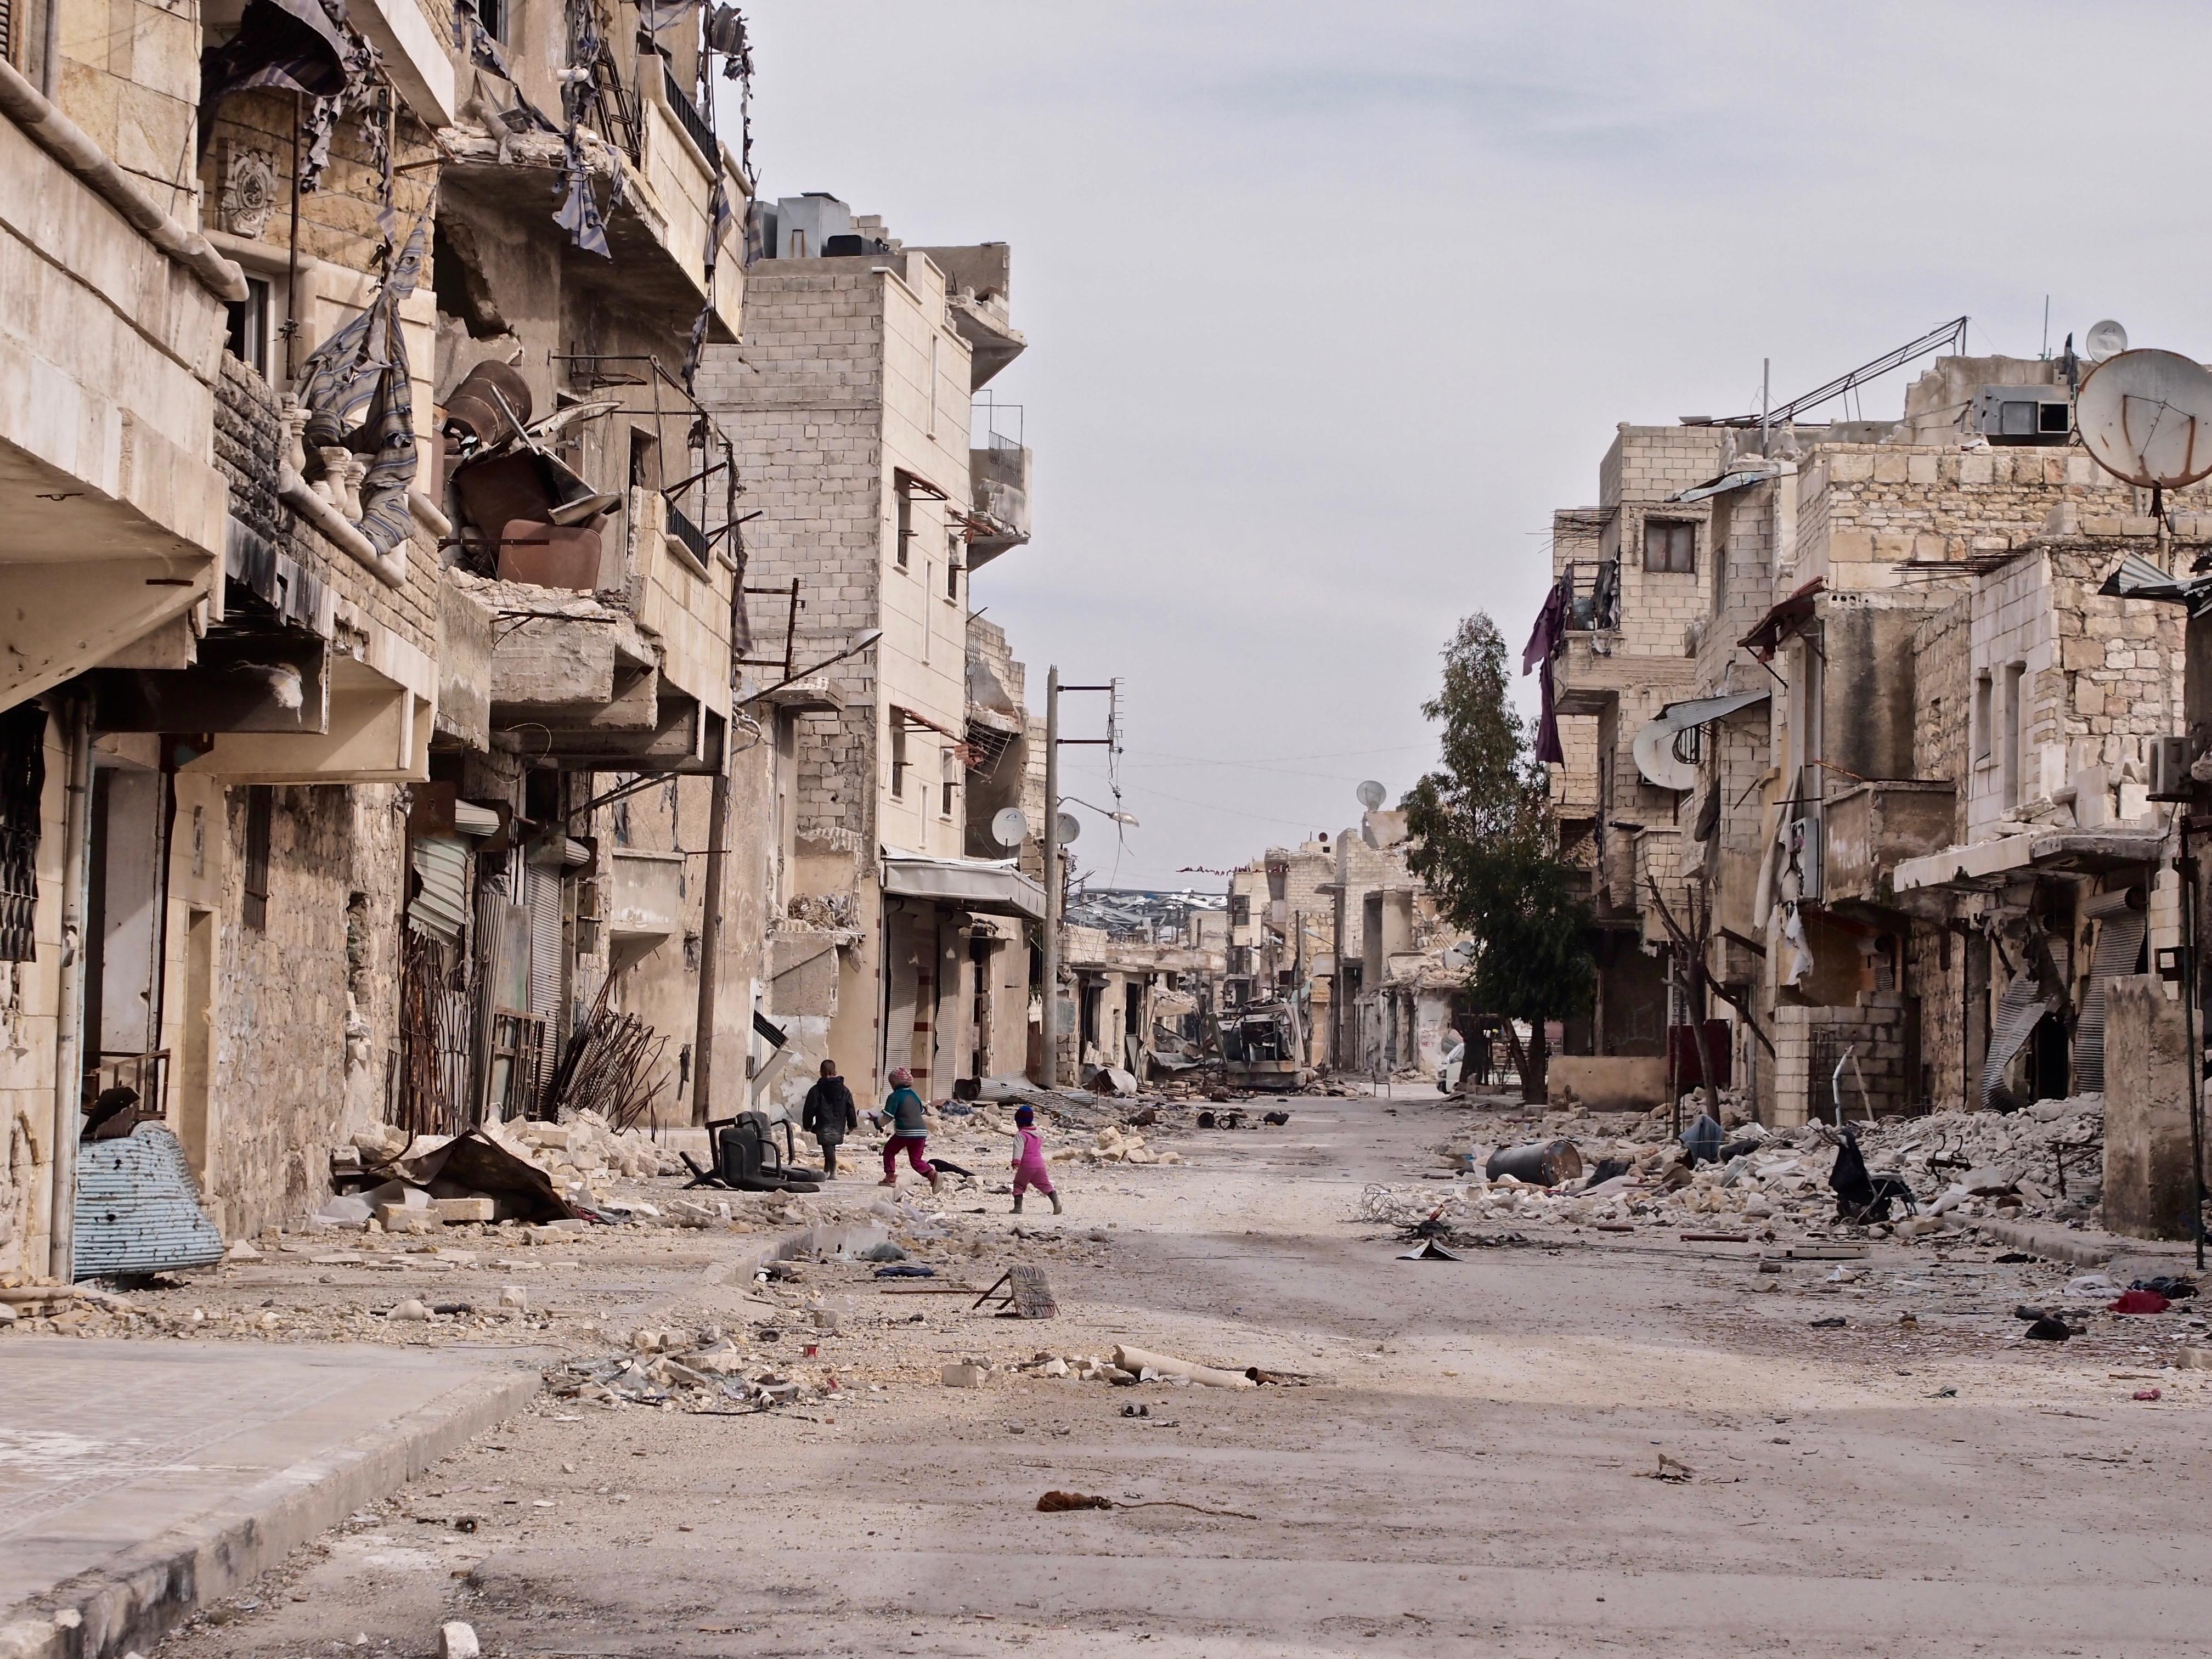 Ulica wschodniego Aleppo, dzielnica Jabal Badru